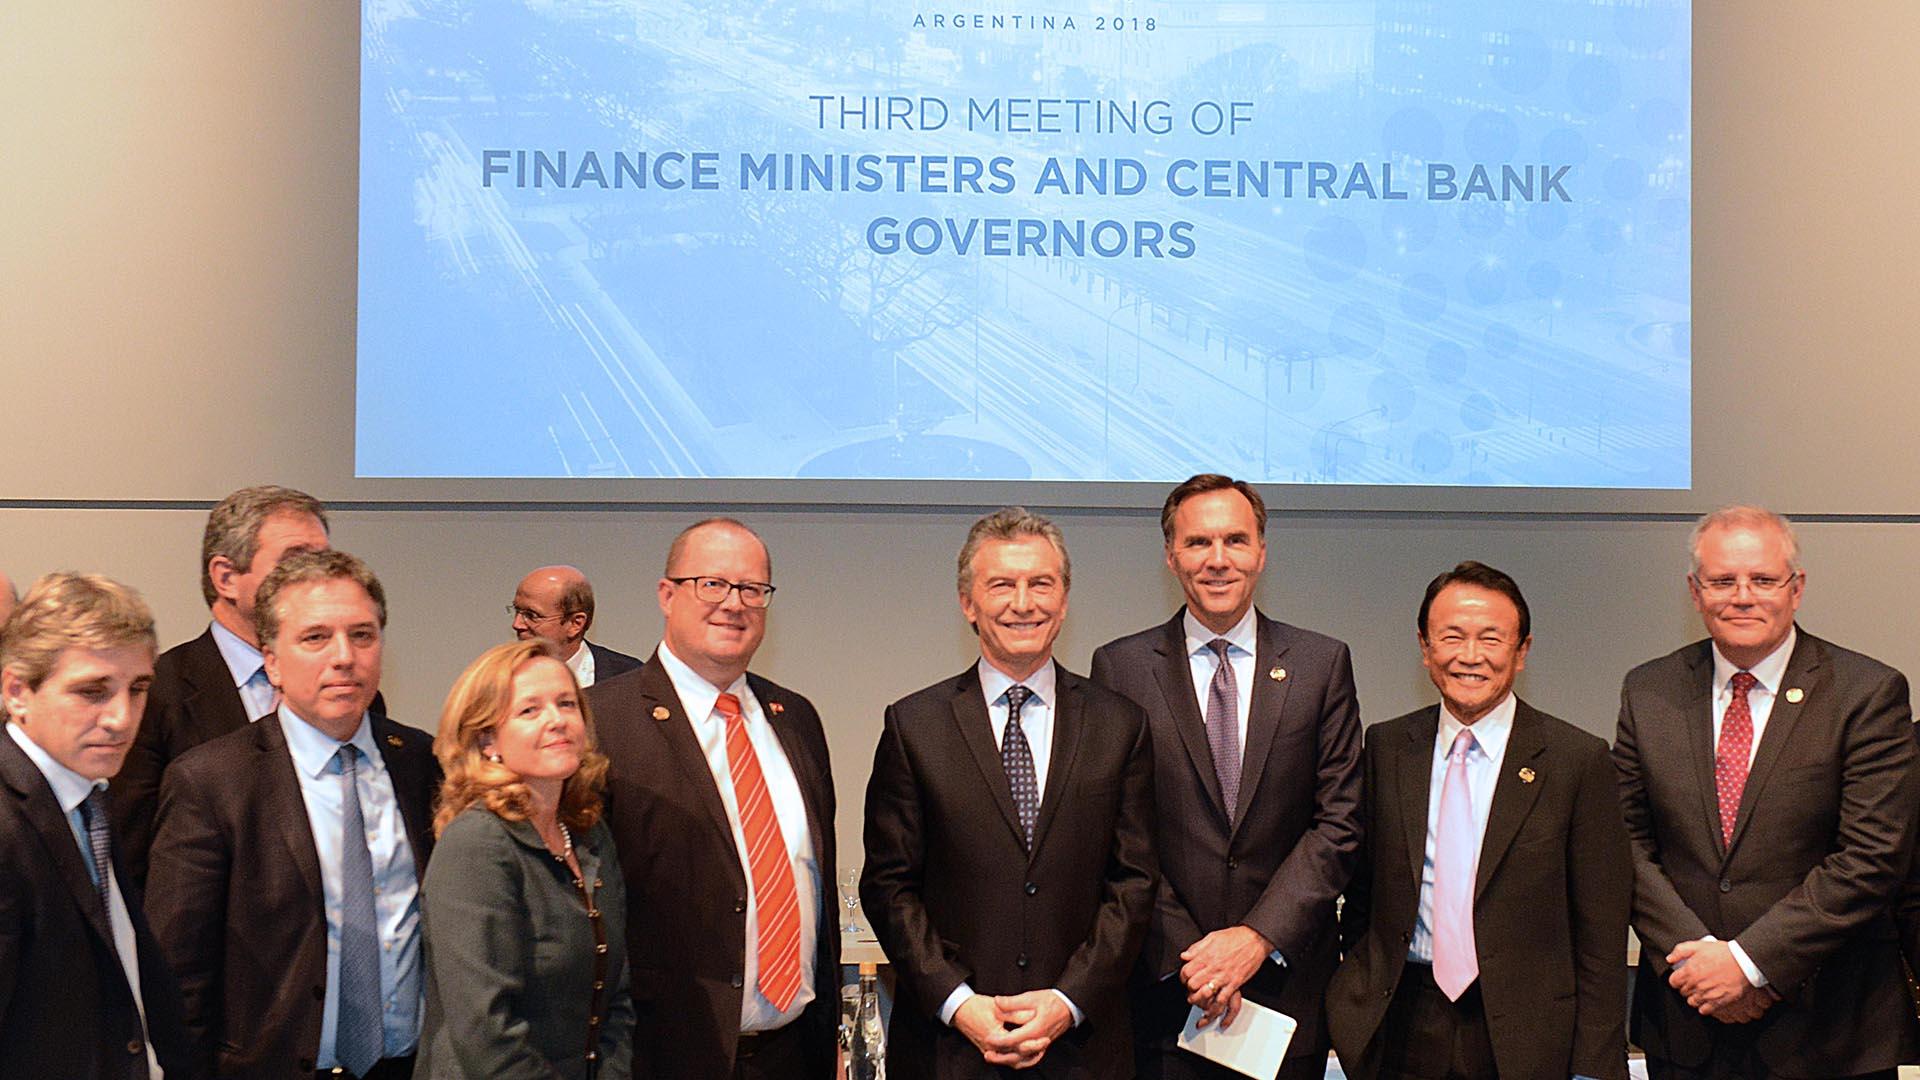 El presidente argentino Mauricio Macri durante la cumbre de ministros de finanzas y directores de bancos centrales realizada en julio